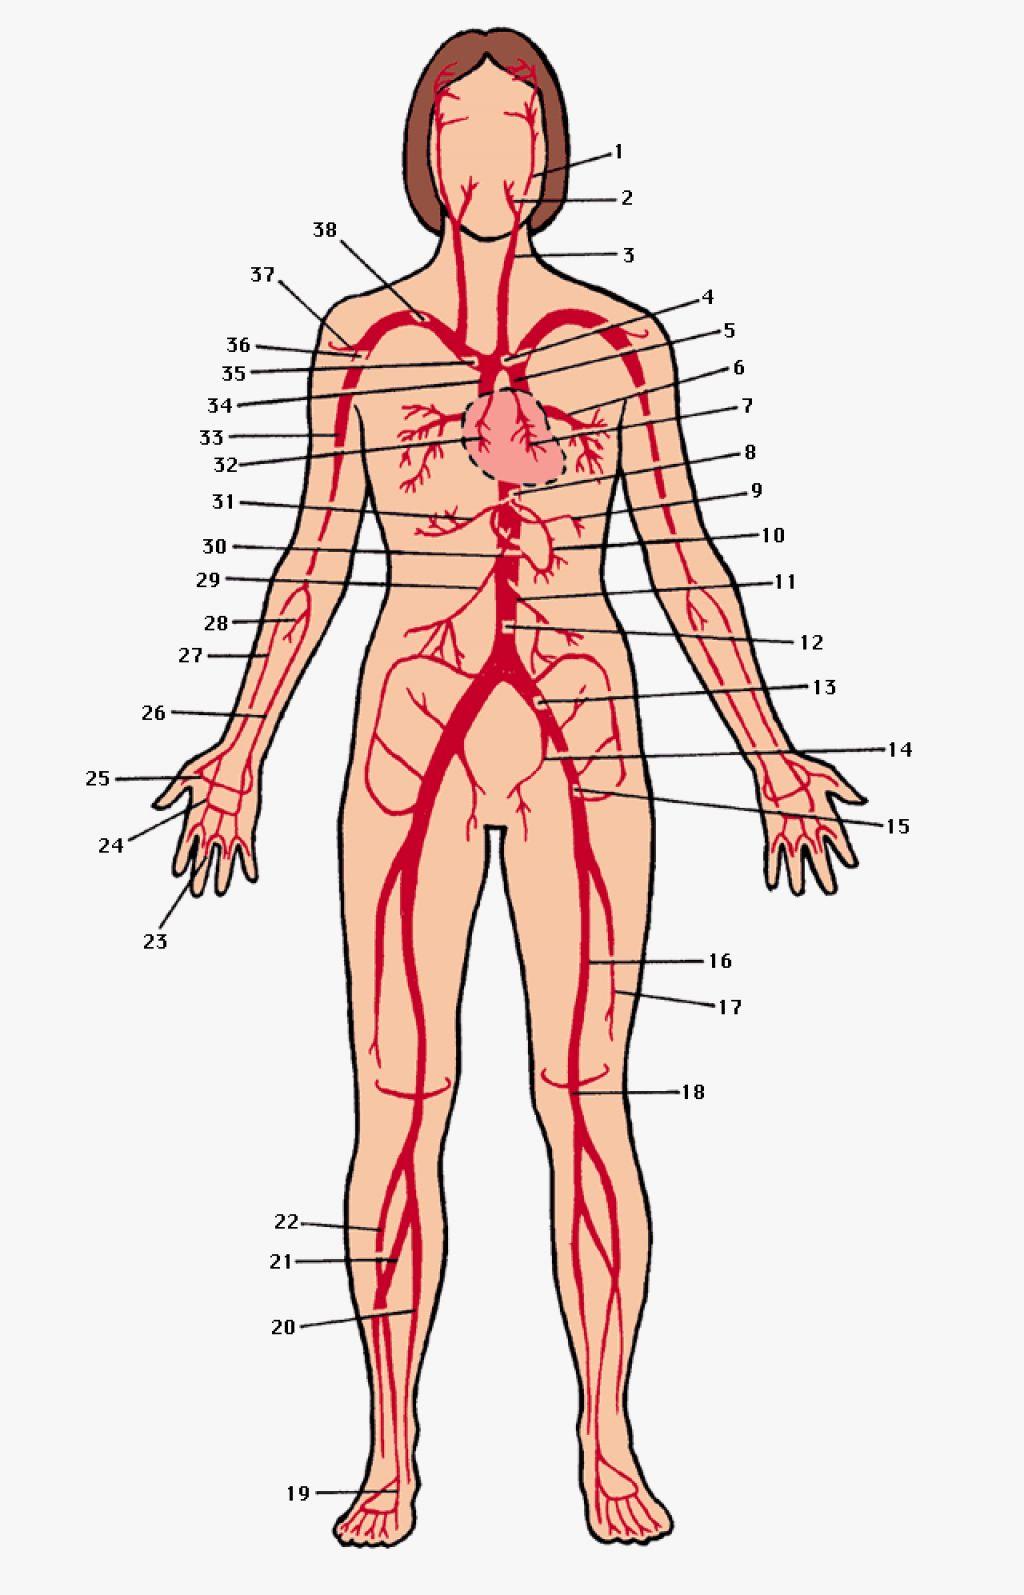 Imagequiz Major Arteries Of The Body